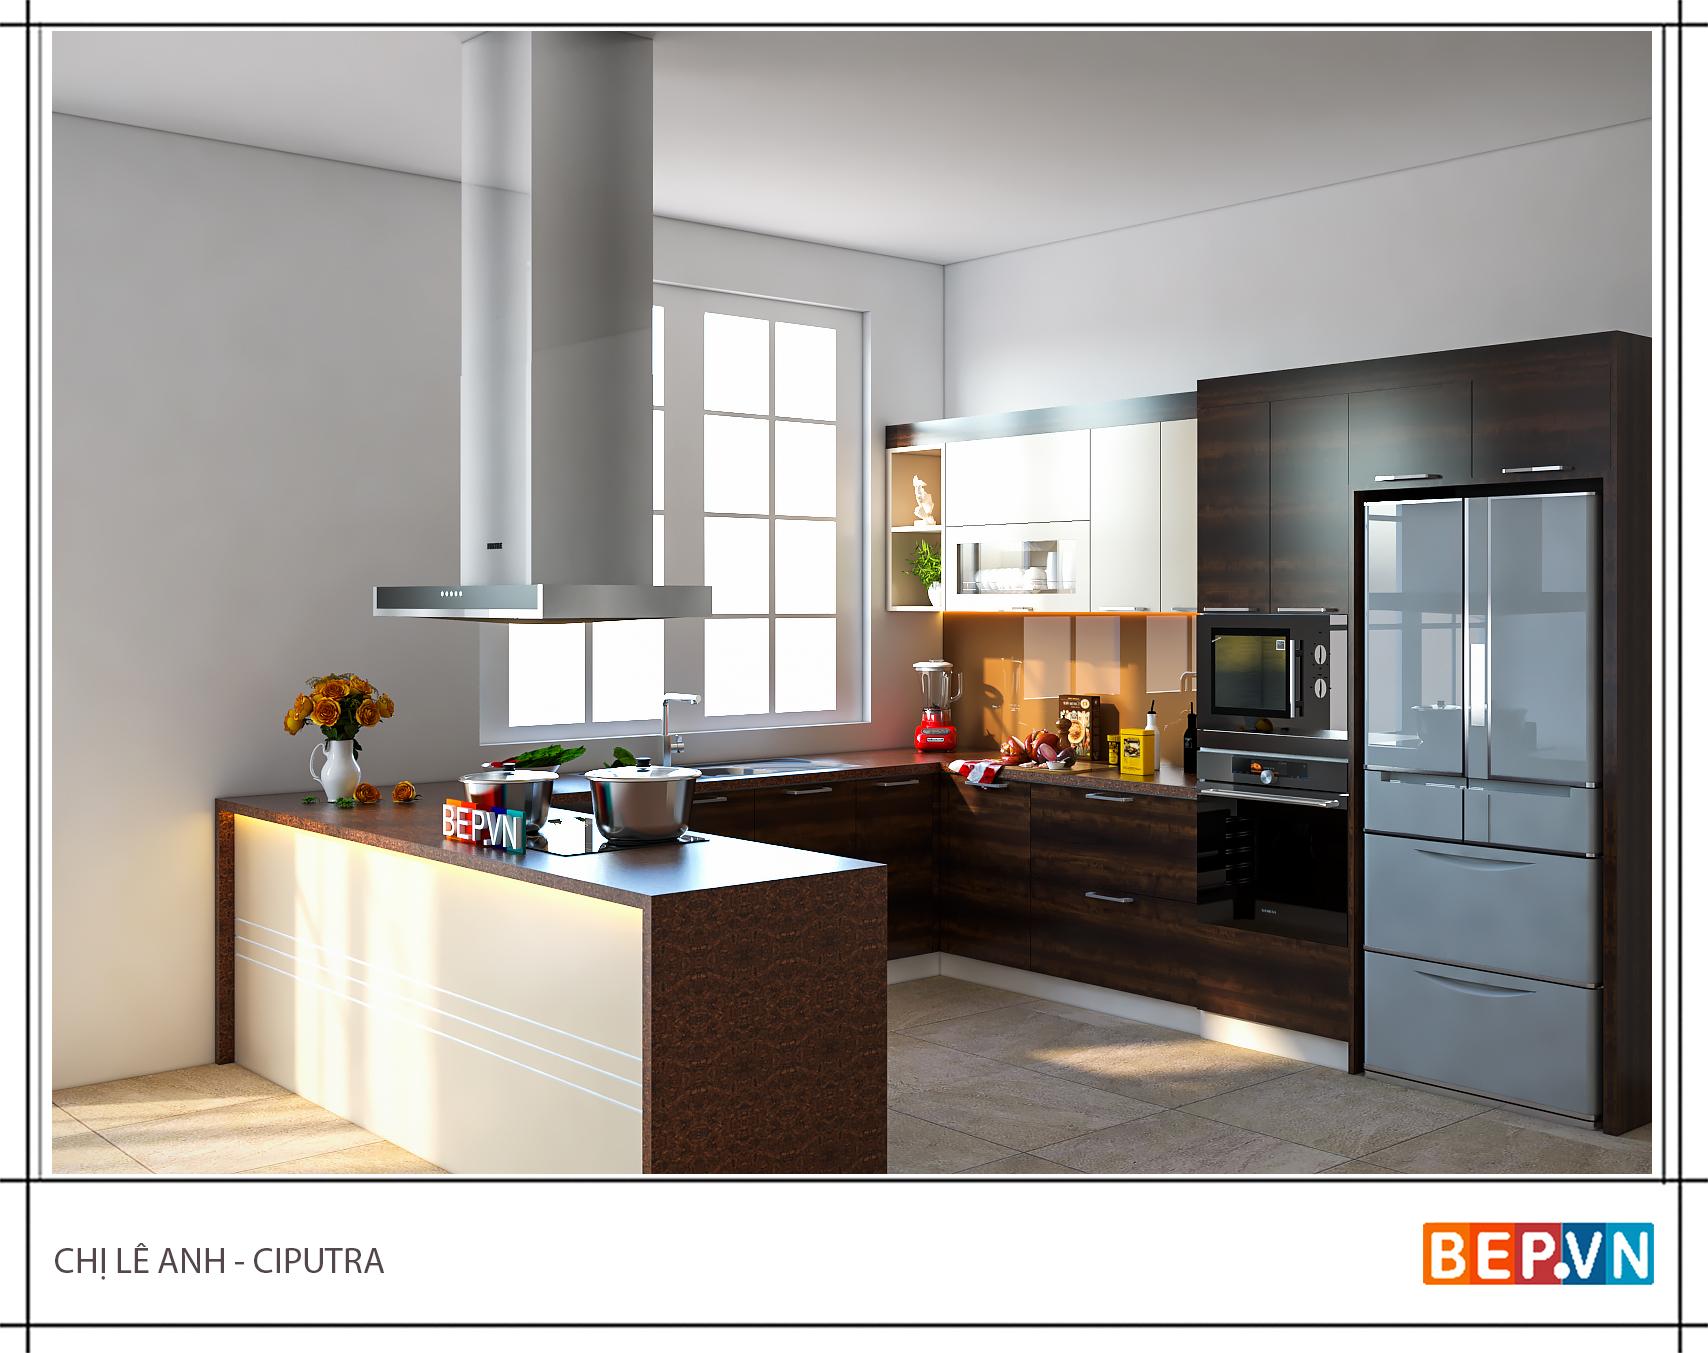 Không gian nhà bếp đẹp có thật sự cần thiết cho cuộc sống hiện đại?